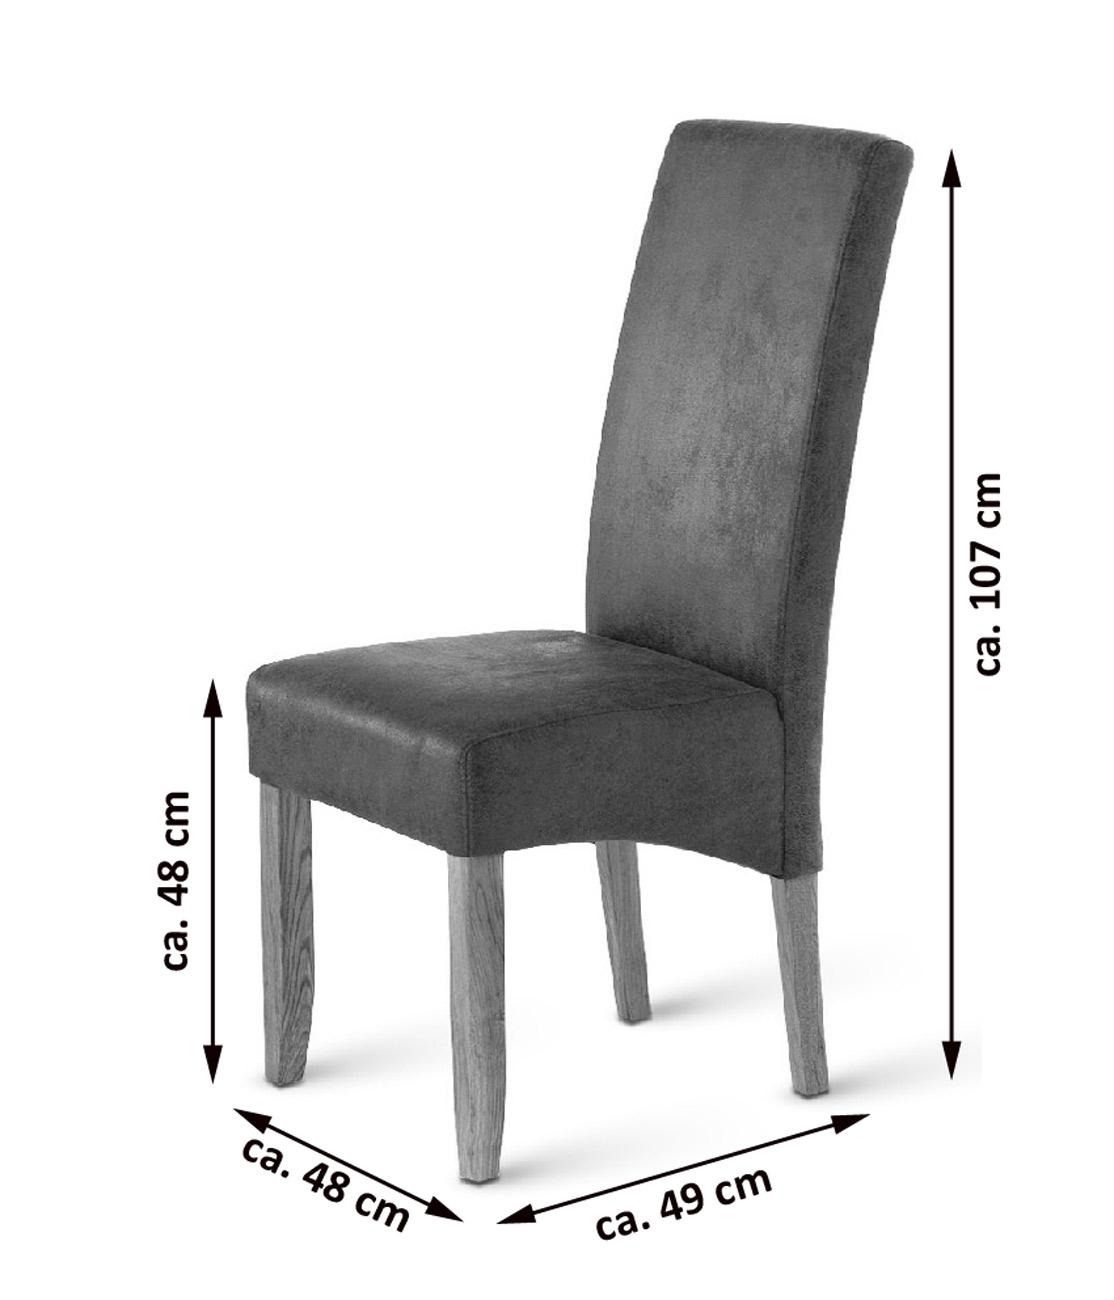 Stuhle esszimmer leder design stuhl leder esstisch eiche for Design stuhl charly